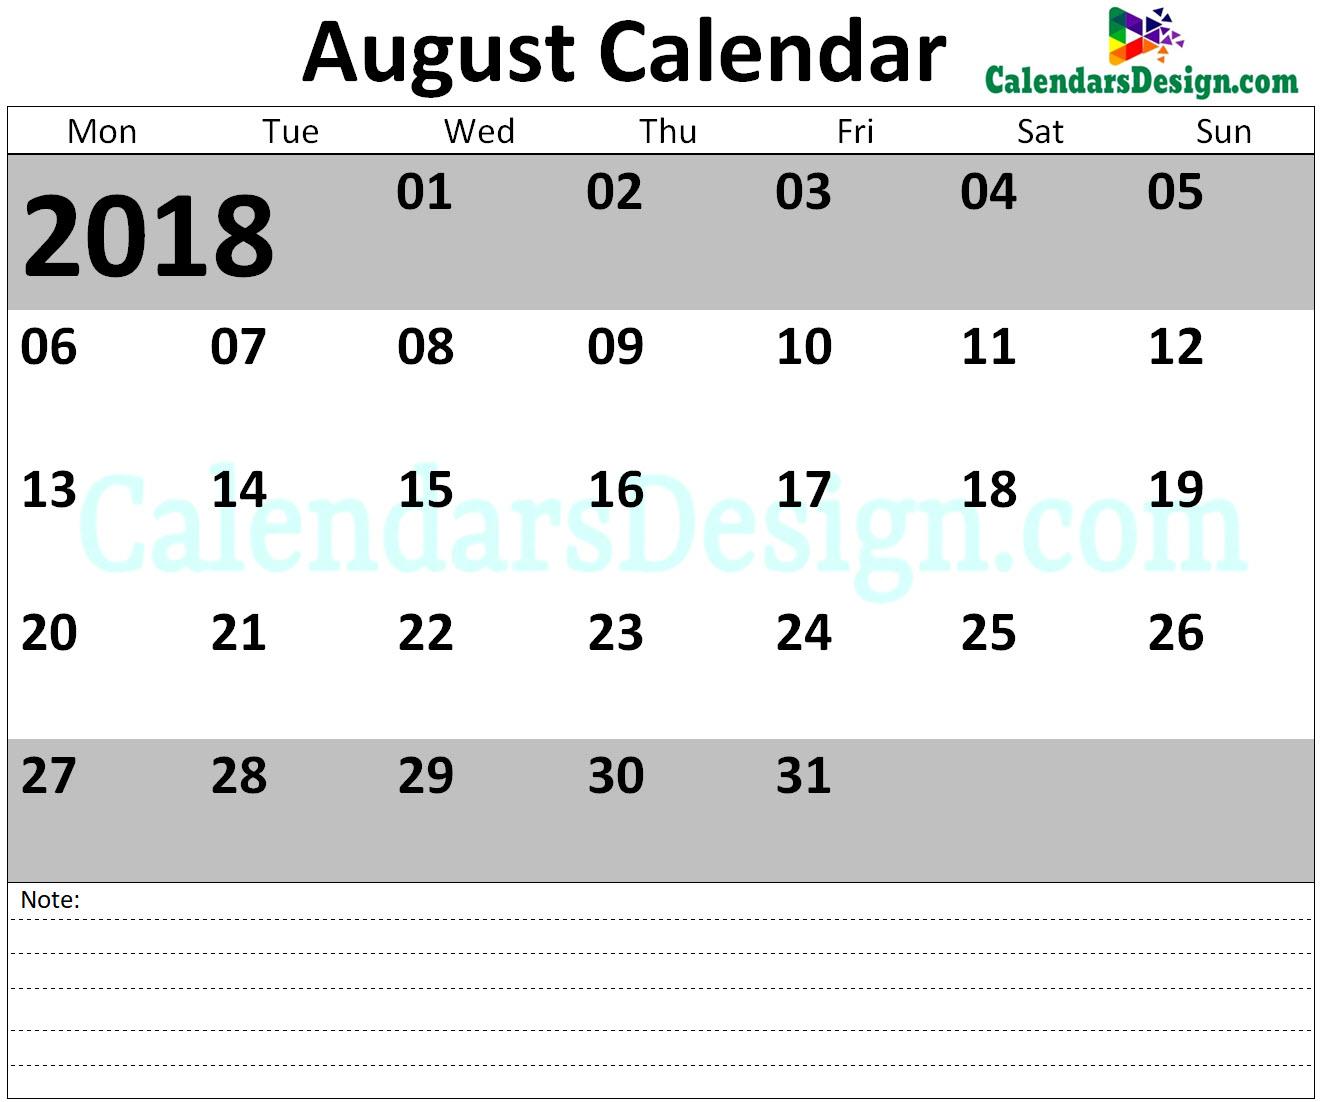 August 2018 Calendar Blank Template